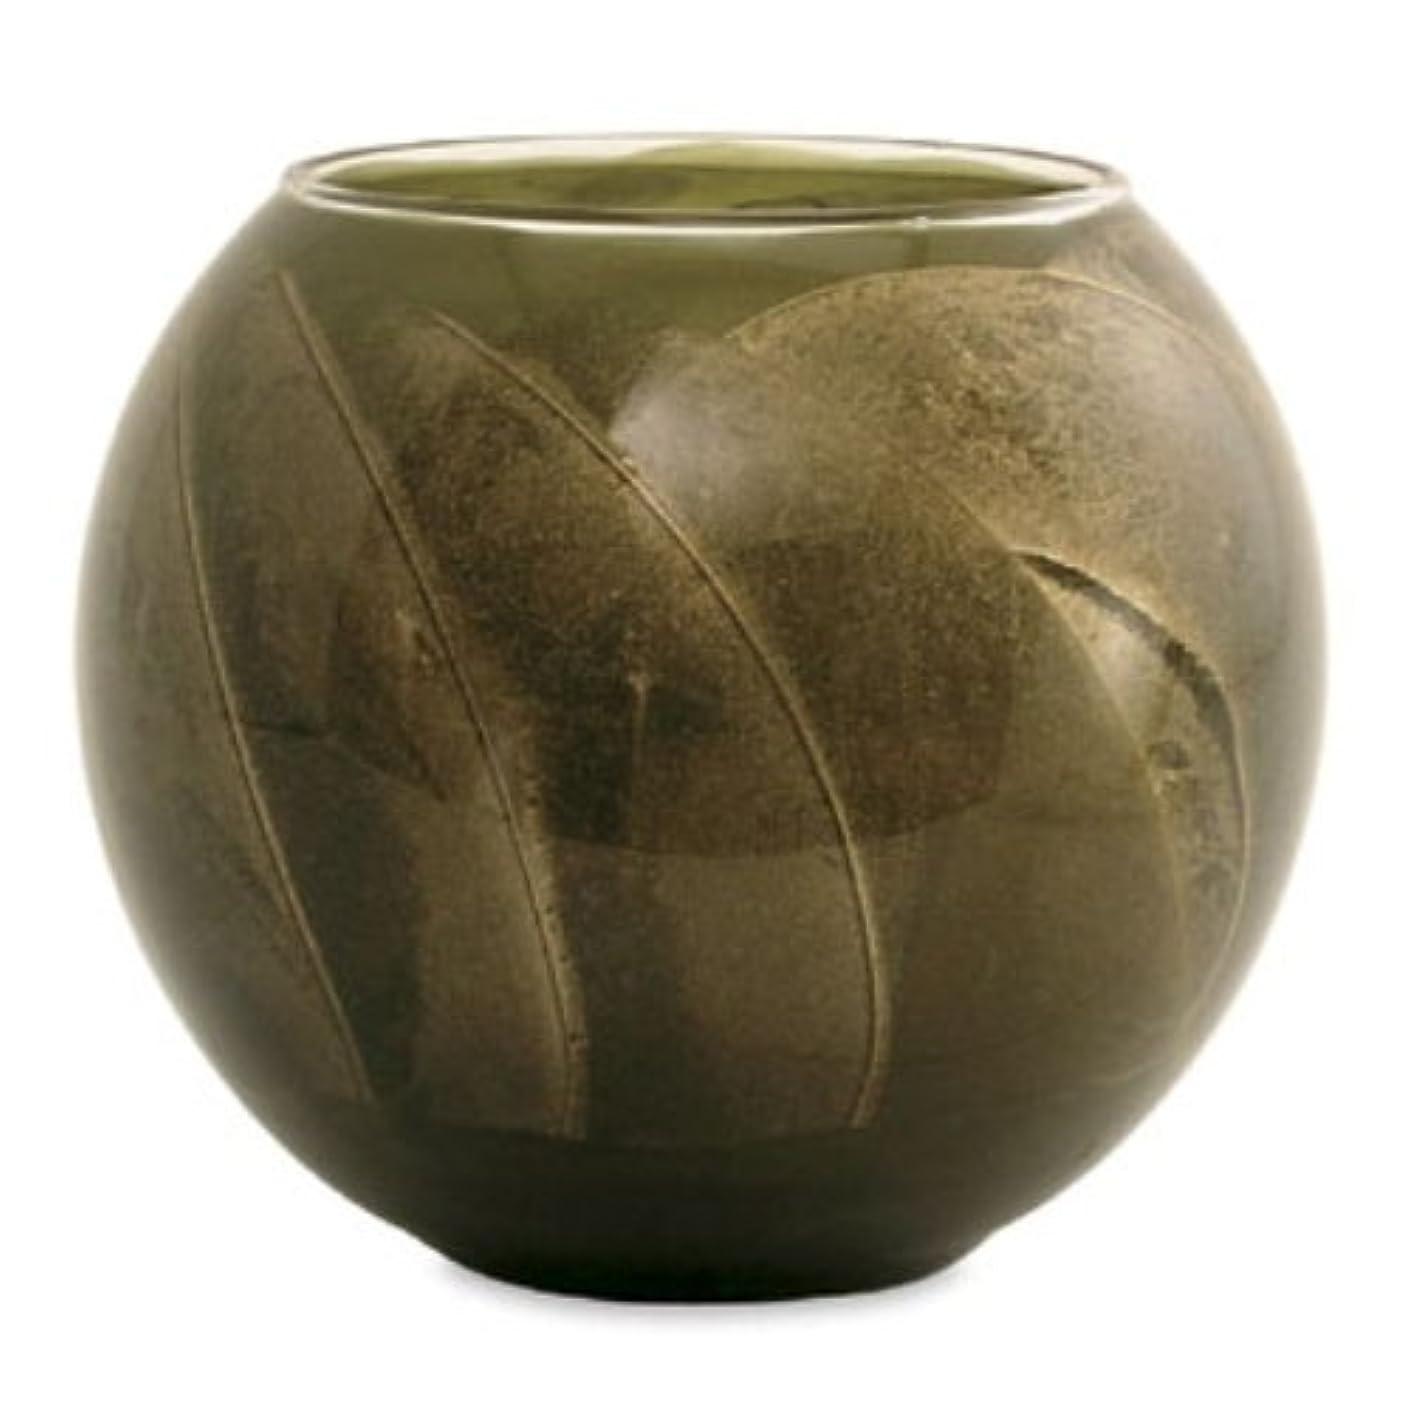 服リス部Northern Lights Candles Esque Polished Globe - 4 inch Olive by Northern Lights Candles [並行輸入品]